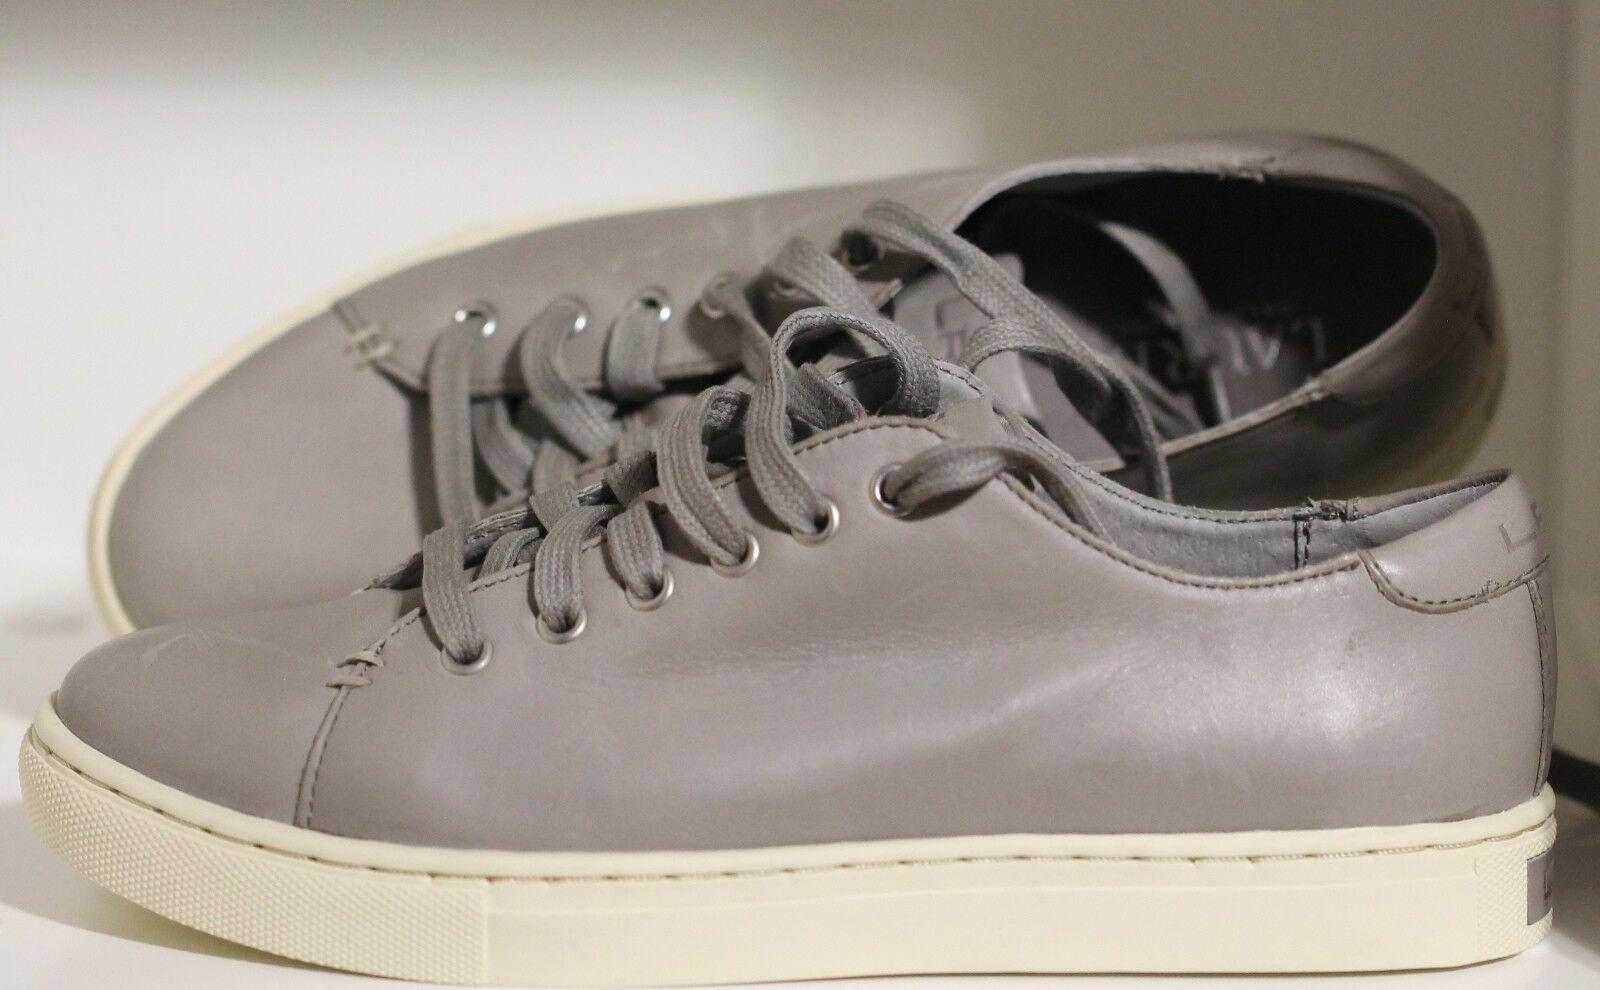 Damen Freizeit Schuh von Ralph Lauren Grau Größe 38 Neu